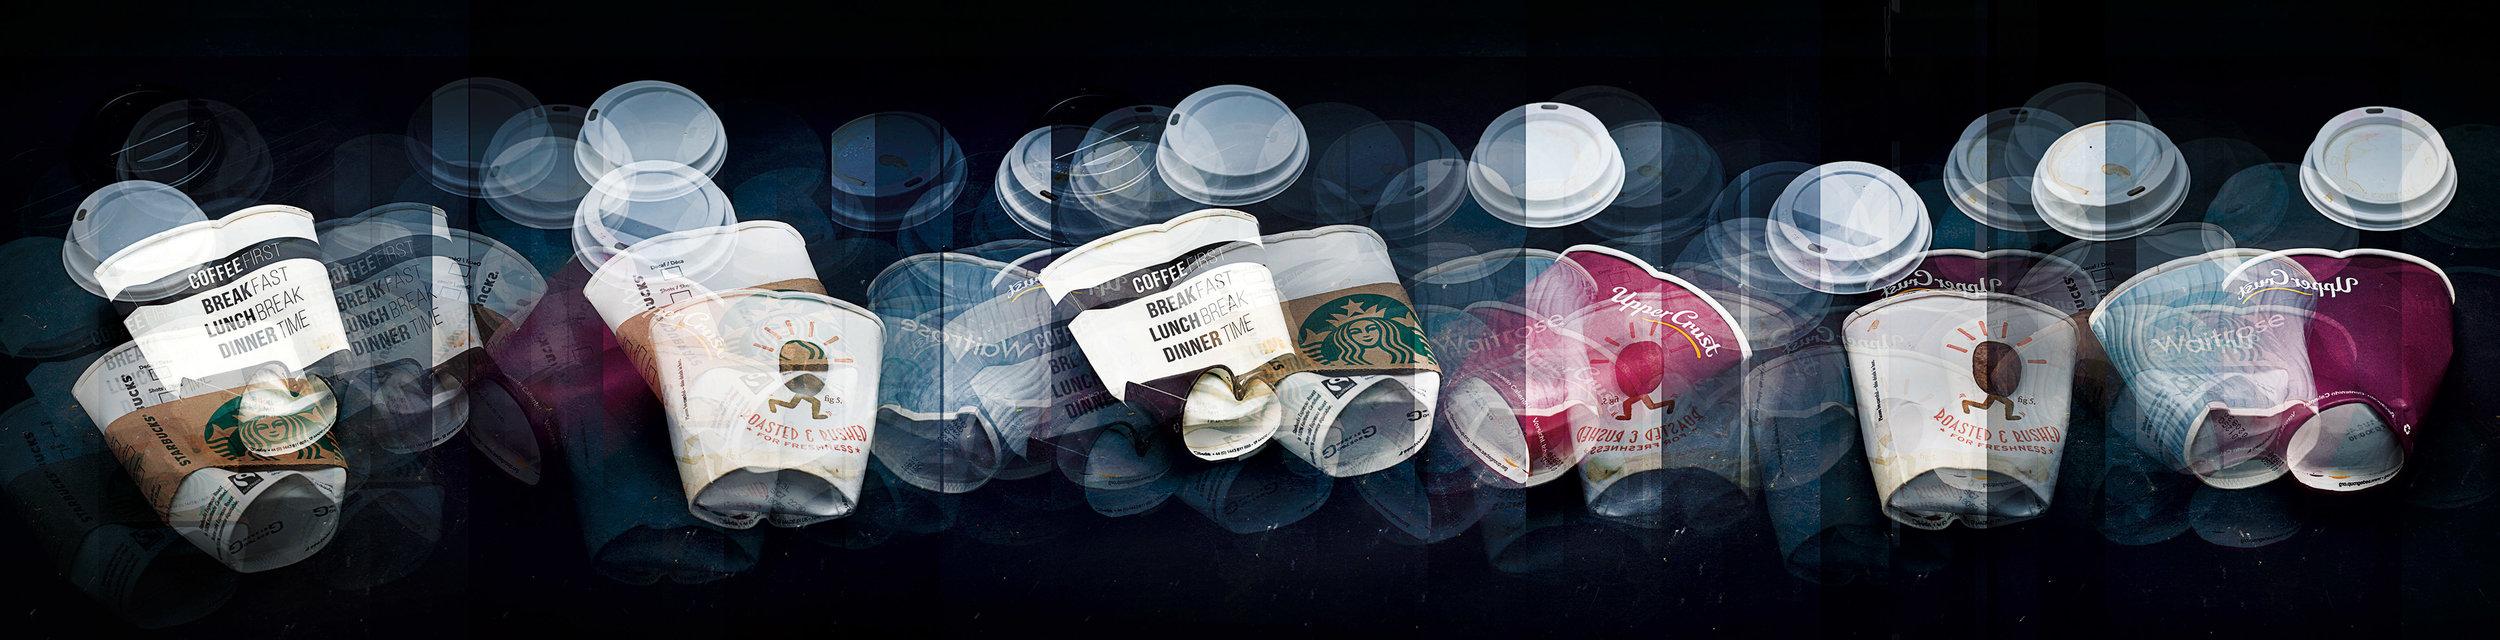 coffeeesrgbnewweb.jpg